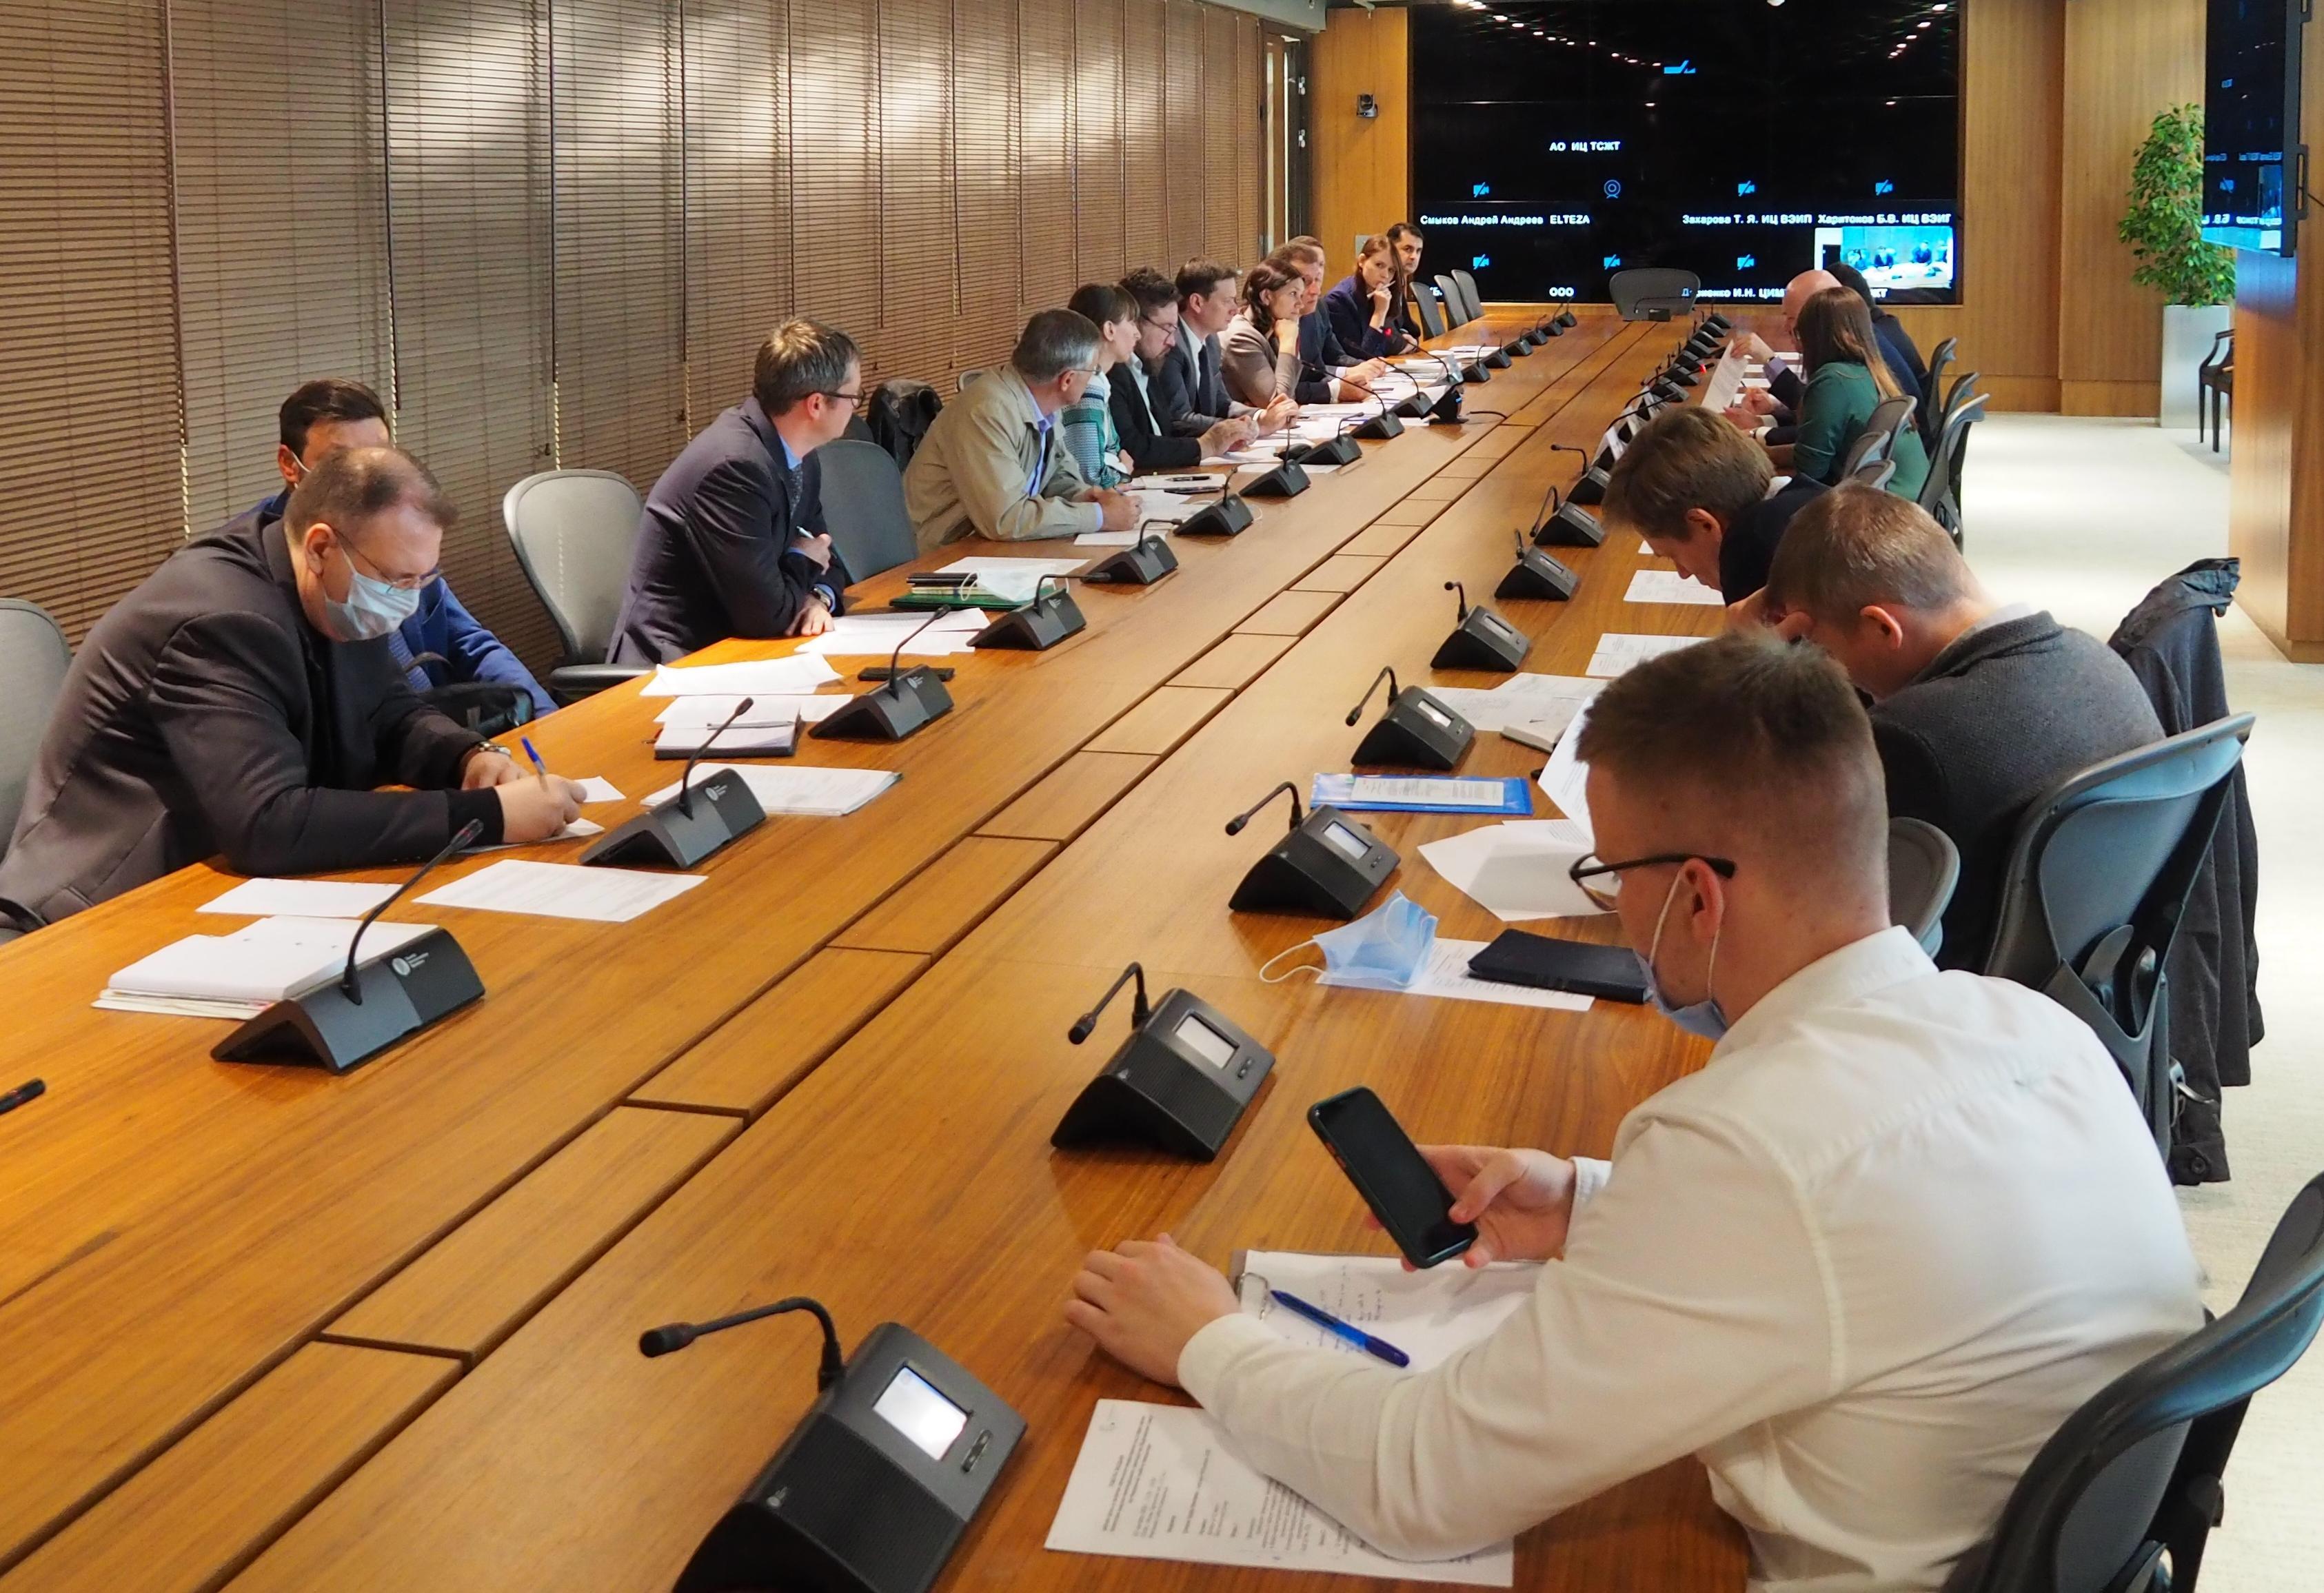 Итоги заседания рабочей группы по вопросам деятельности аккредитованных лиц, выполняющих работы по оценке соответствия продукции железнодорожного транспорта